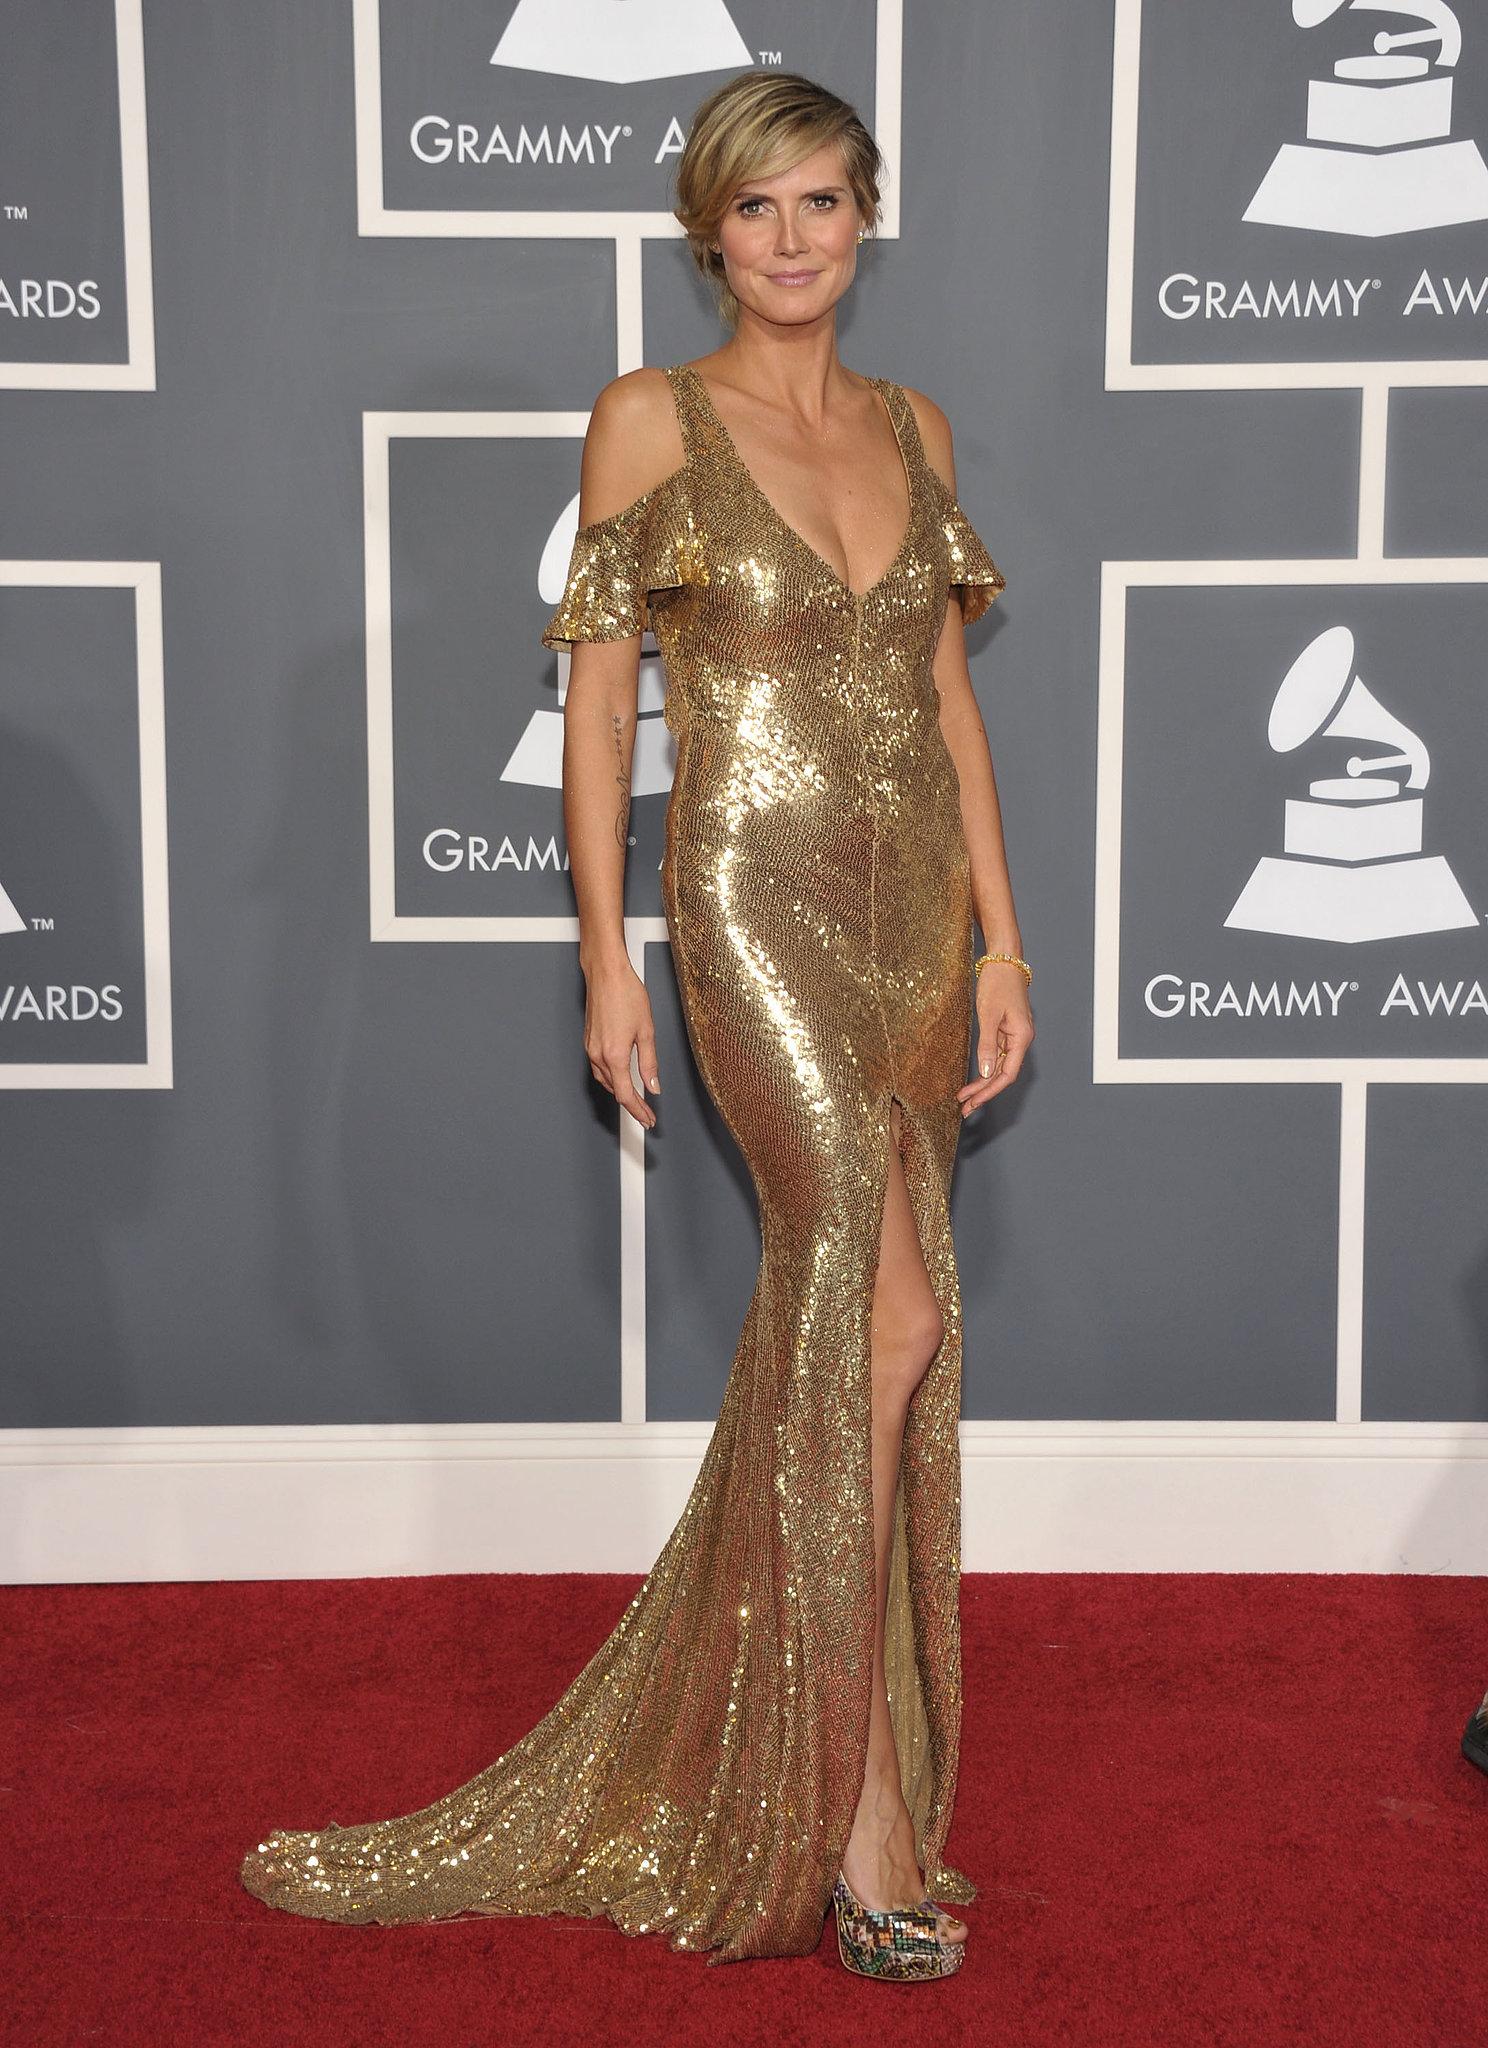 Heidi Klum in a Gold Julien Macdonald at the 2011 Grammy Awards